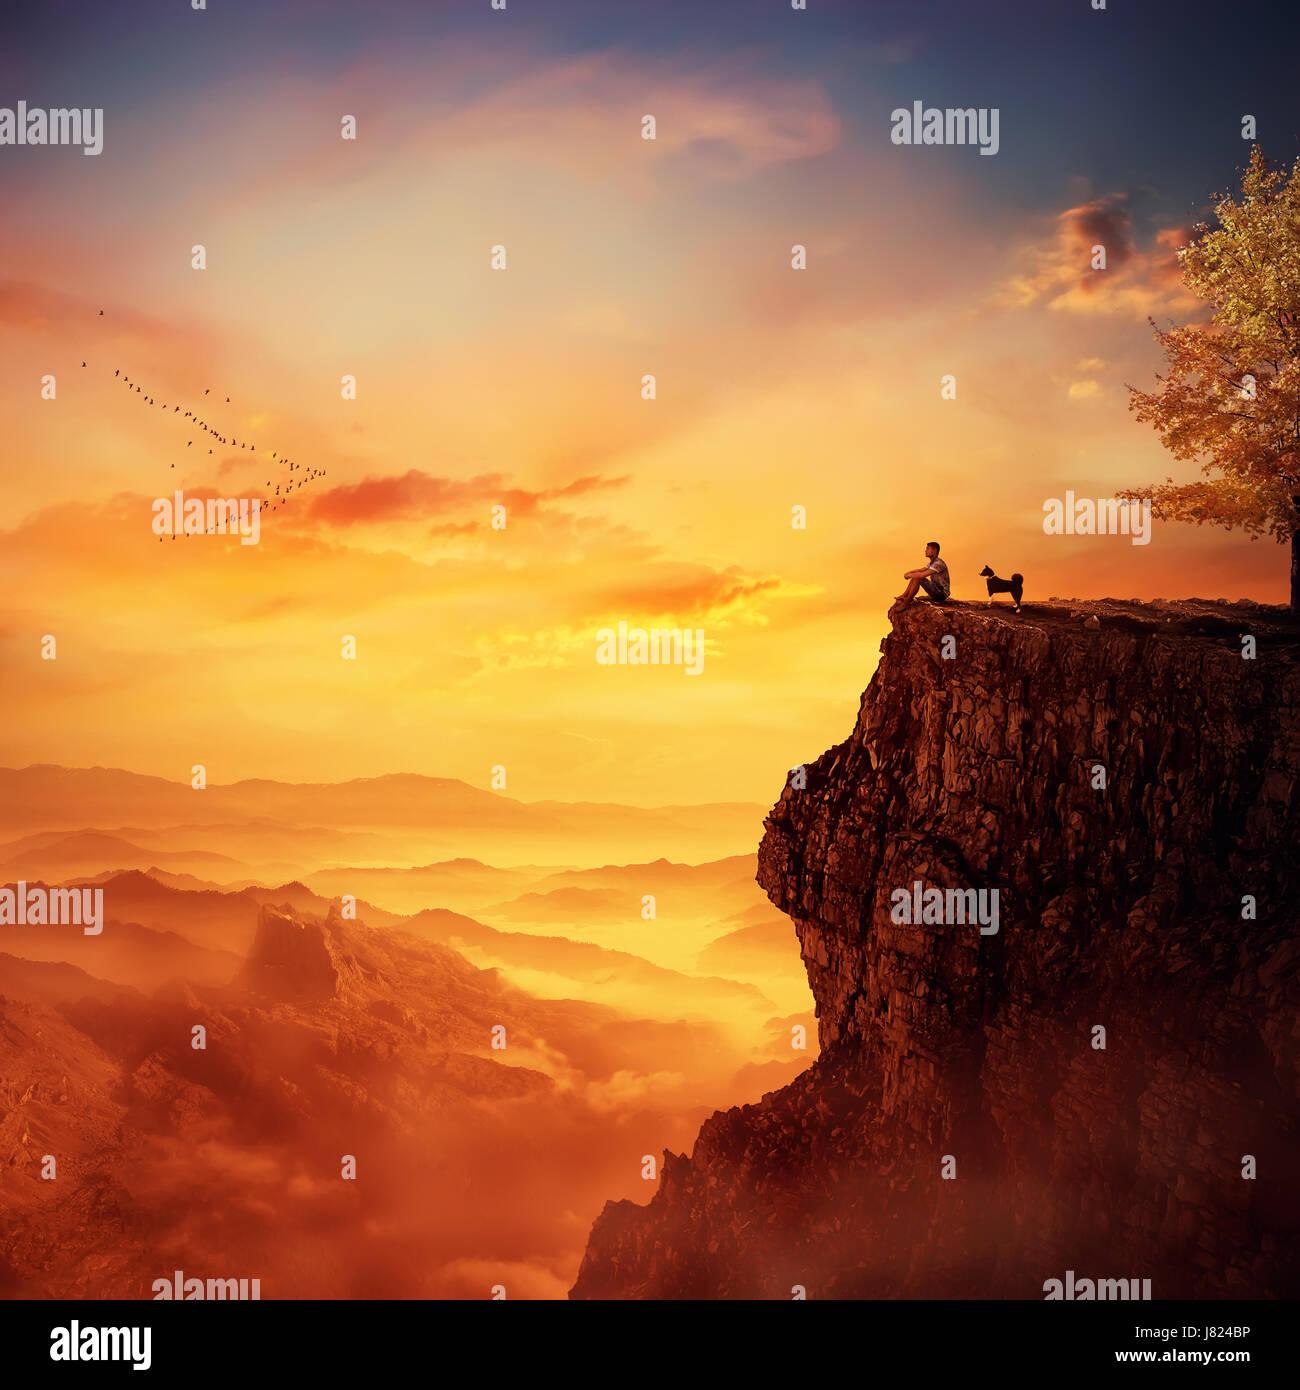 Joven con su fiel perro parado en la cima de un acantilado mirando el atardecer sobre el valle. Recordando recuerdos Foto de stock